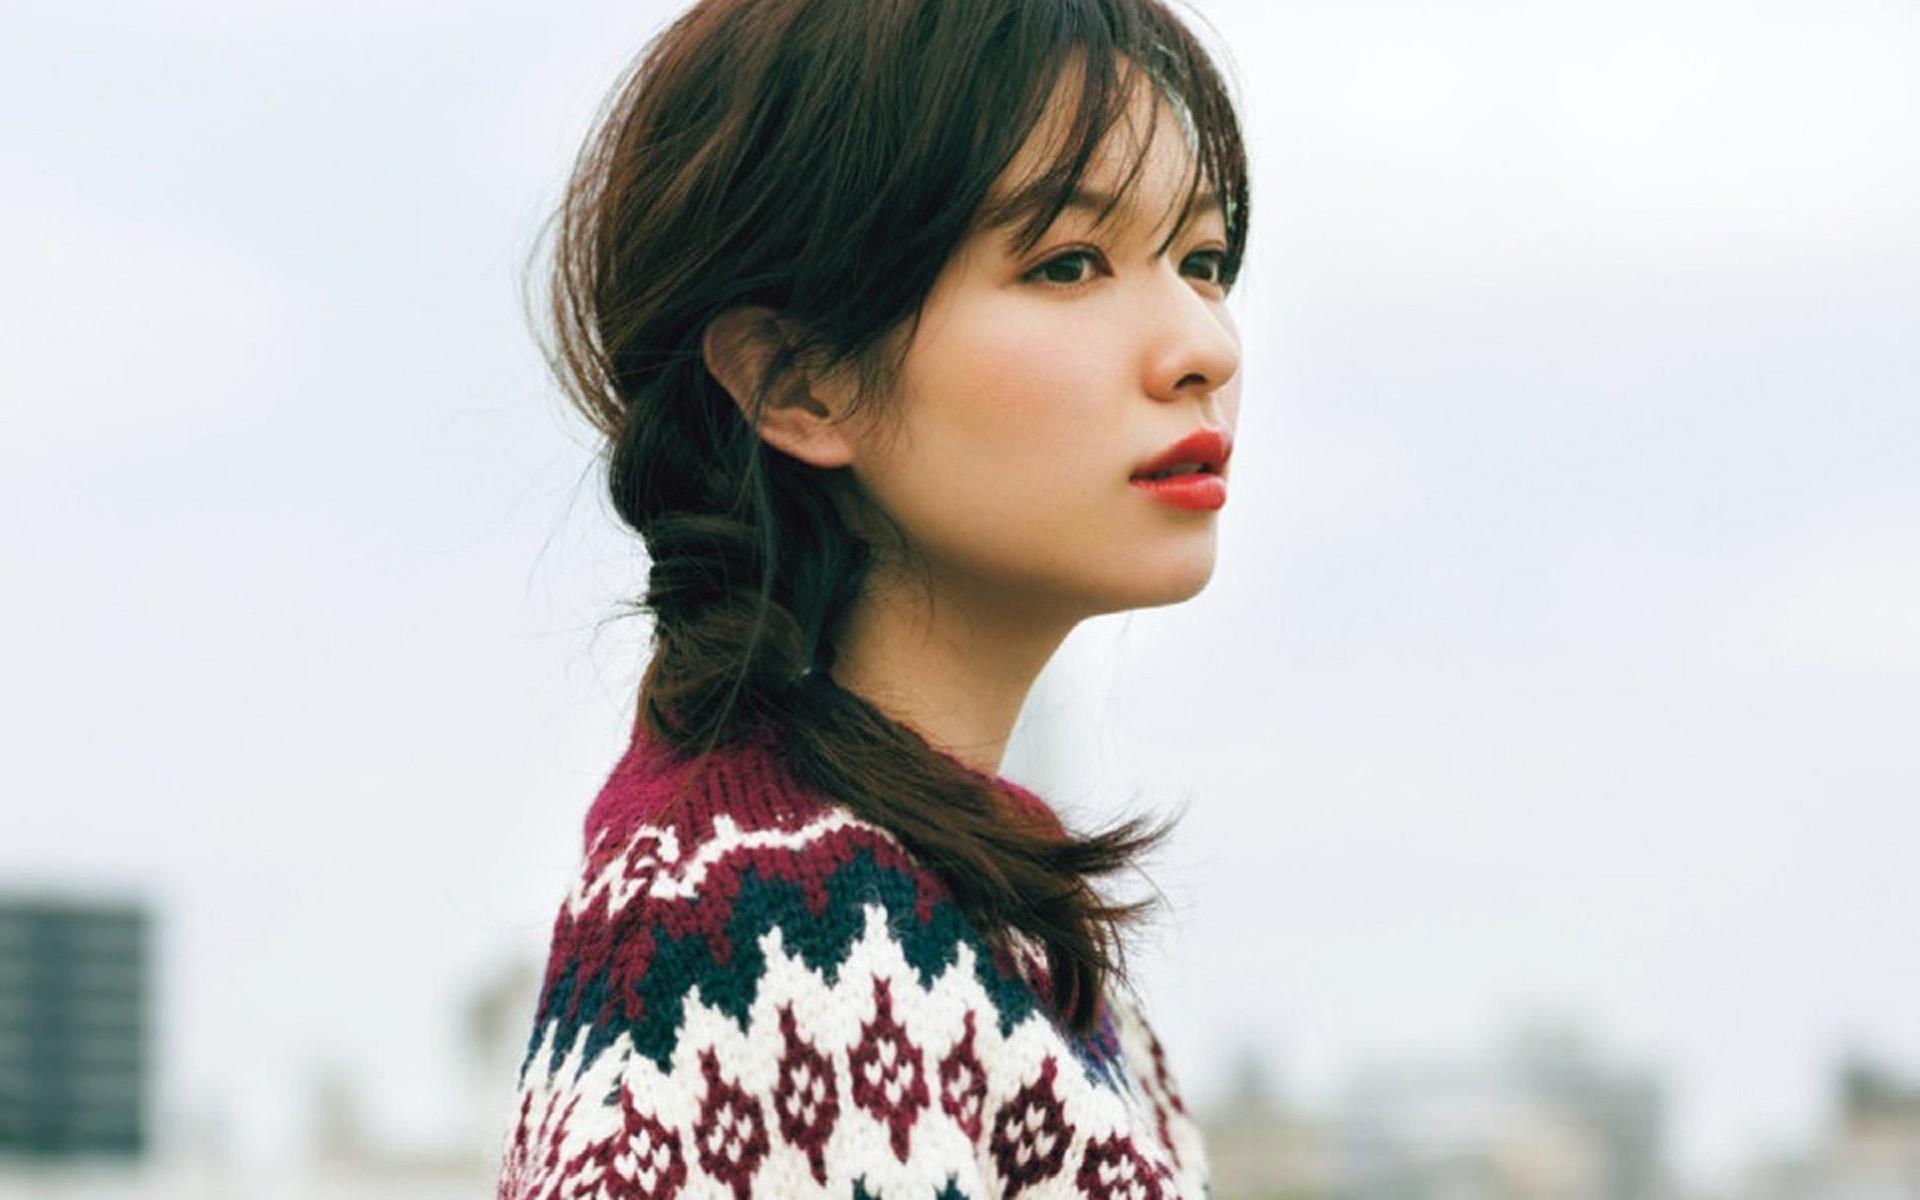 她是全日本最百变的时尚模特,她每个妆容都让女人抓狂!